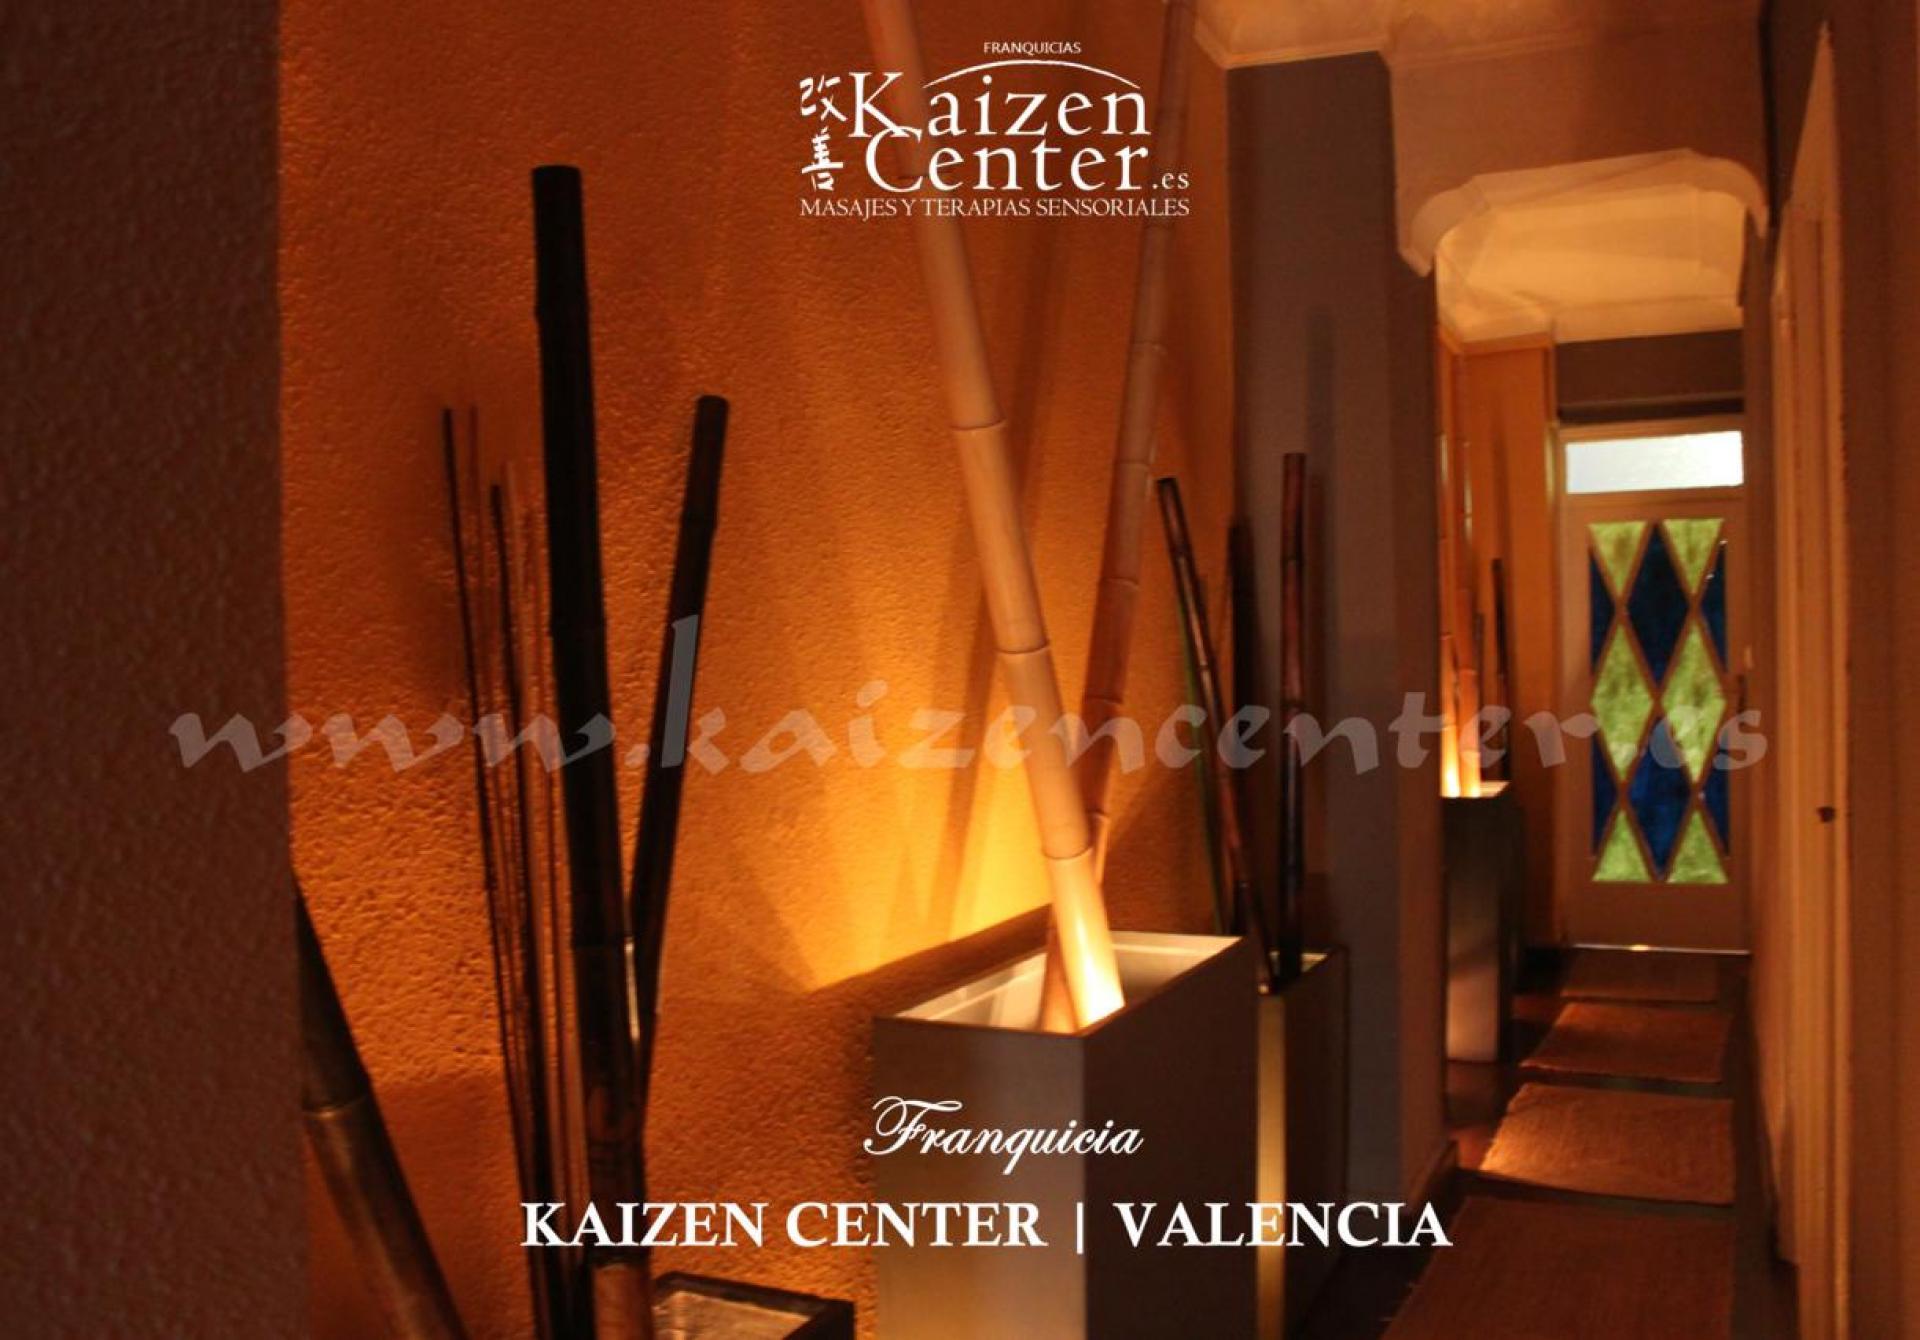 Kaizen Center: centro de masajes tematizado en Valencia